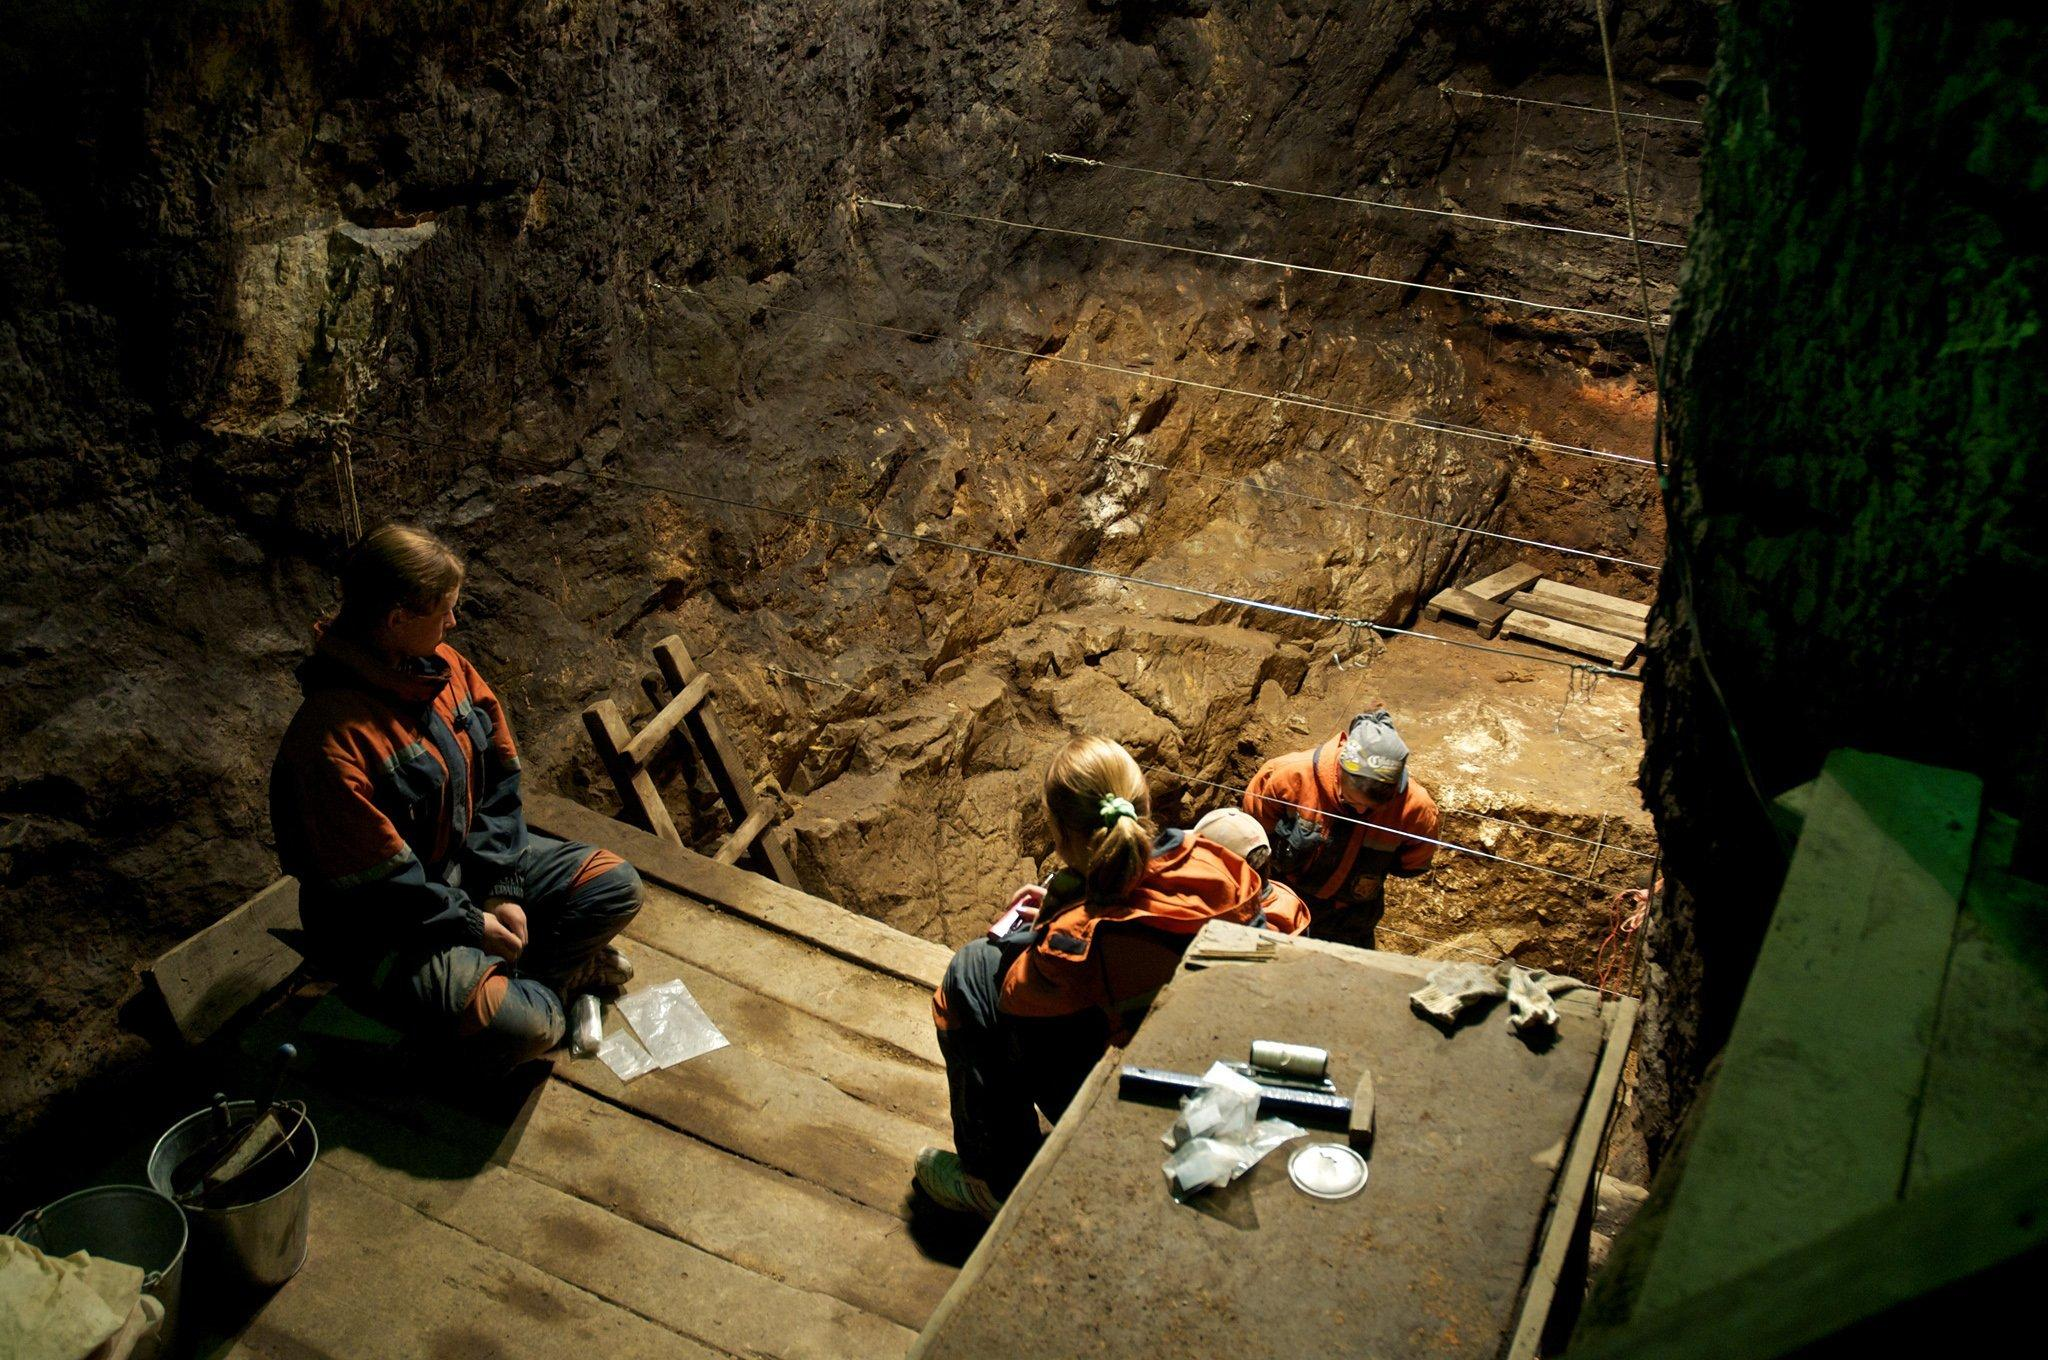 Gezeigt wird ein Blick auf die gelblichen Erdschichten innerhalb der Denisova-Höhle in Sibirien. Dort am Boden sind zu Paläoanthropologen zu sehen, die nach menschlichen Fossilien graben. Im Jahr 2008finden sie unscheinbare, mindestens 30.000Jahre alte Knochenreste. Doch die spätere Analyse der Erbsubstanz eines Stücks Fingerknochens ergibt eine Sensation: Die DNA unterscheidet sich so sehr sowohl vom Homo sapiens als auch vom Neandertaler, dass es sich bei dem Fossil um die Relikte einer bislang unbekannten Menschenform handeln muss. Die Forscher haben den Denisova-Menschen entdeckt.